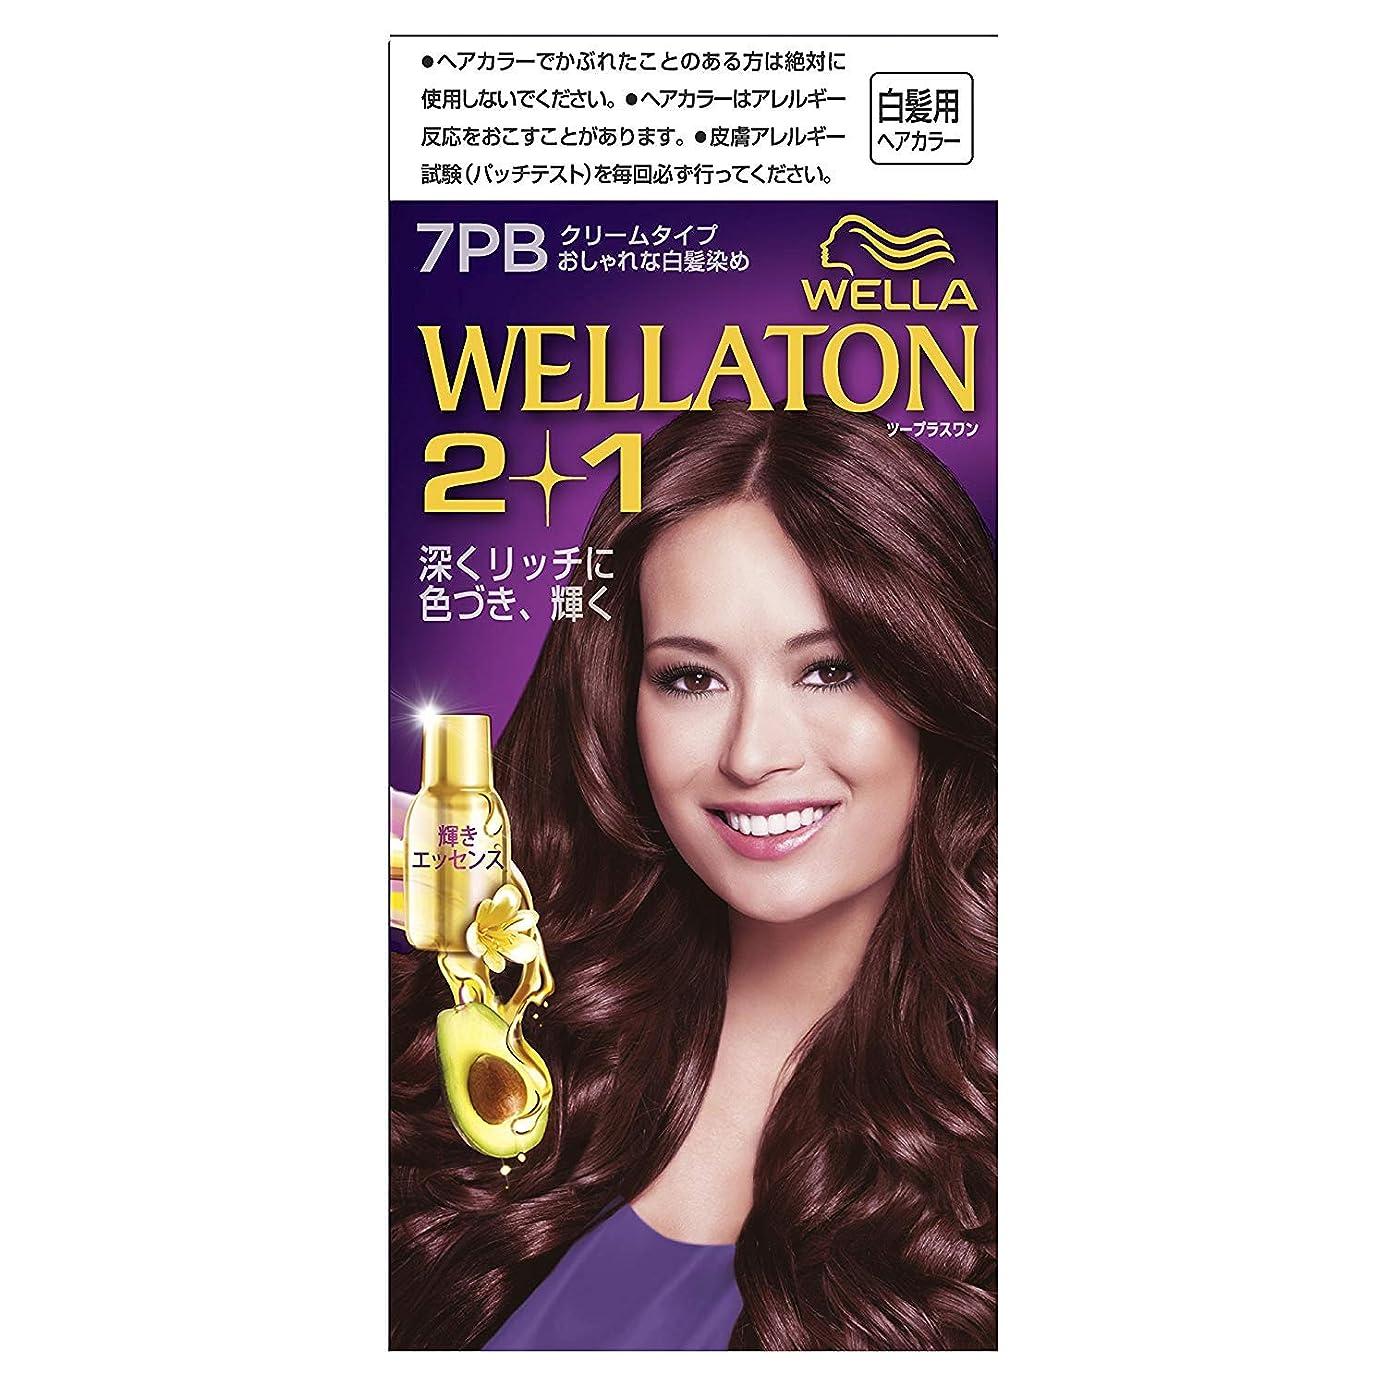 人形解読する見捨てられたウエラトーン2+1 白髪染め クリームタイプ 7PB [医薬部外品] ×6個